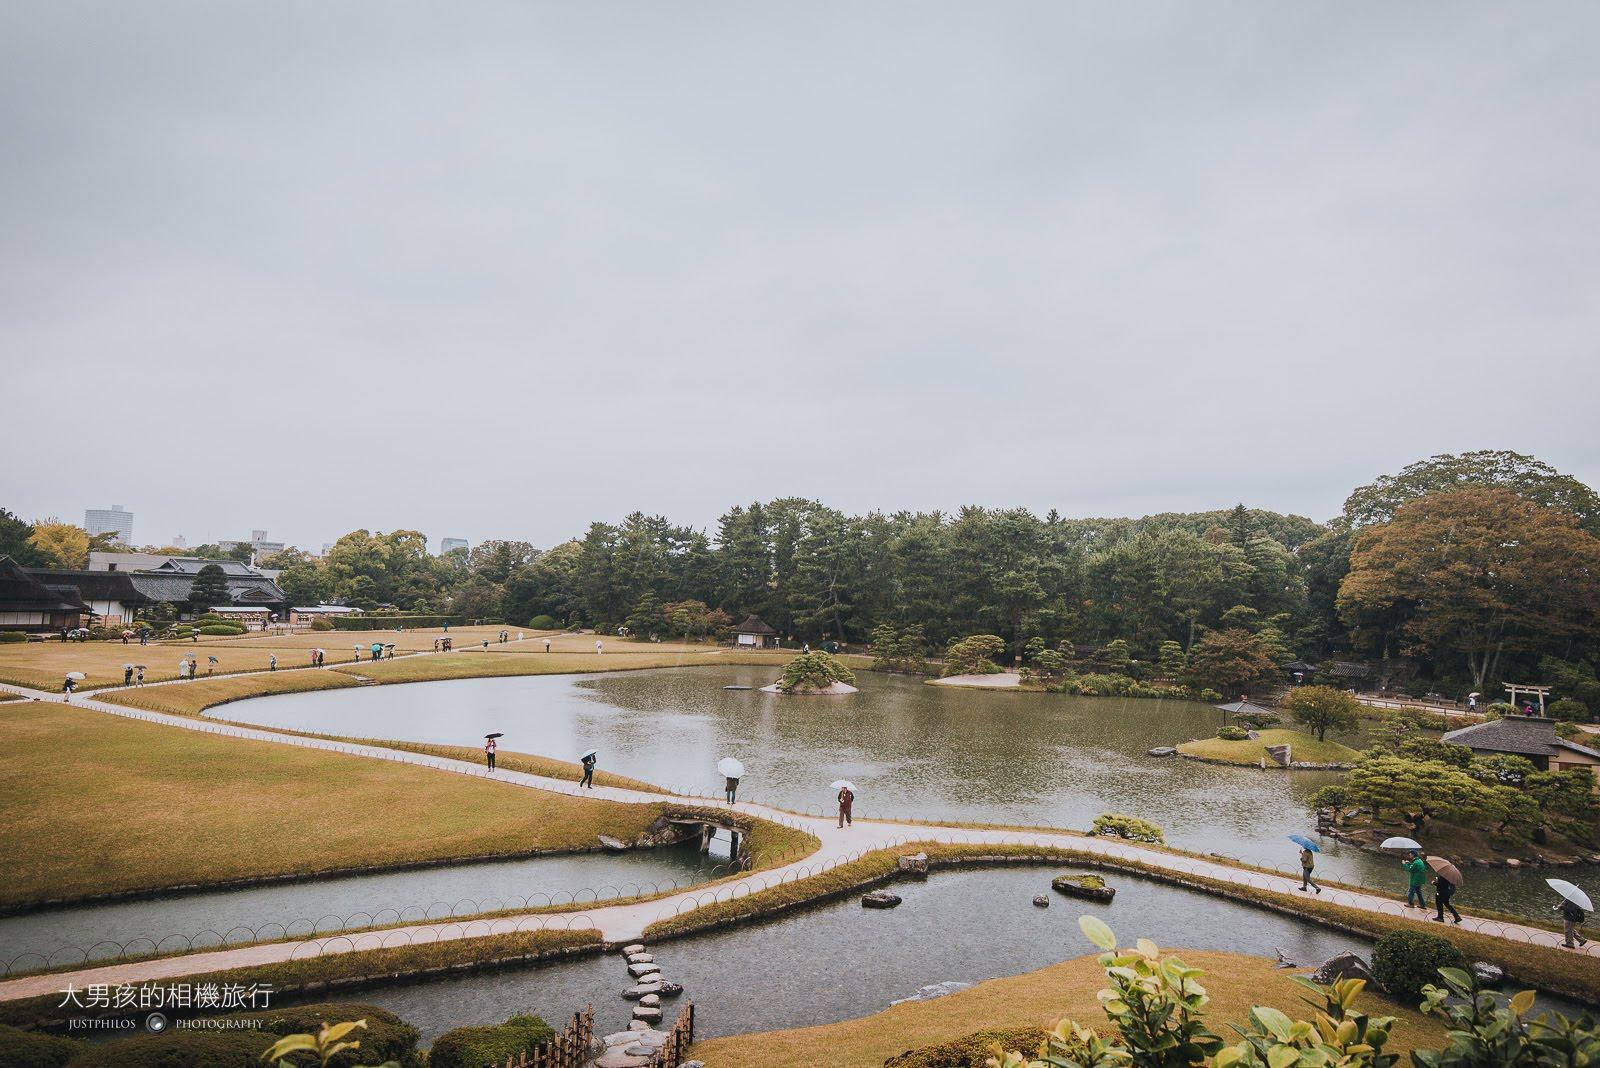 登上岡山後樂園的制高點「唯心山」一覽園區景色。